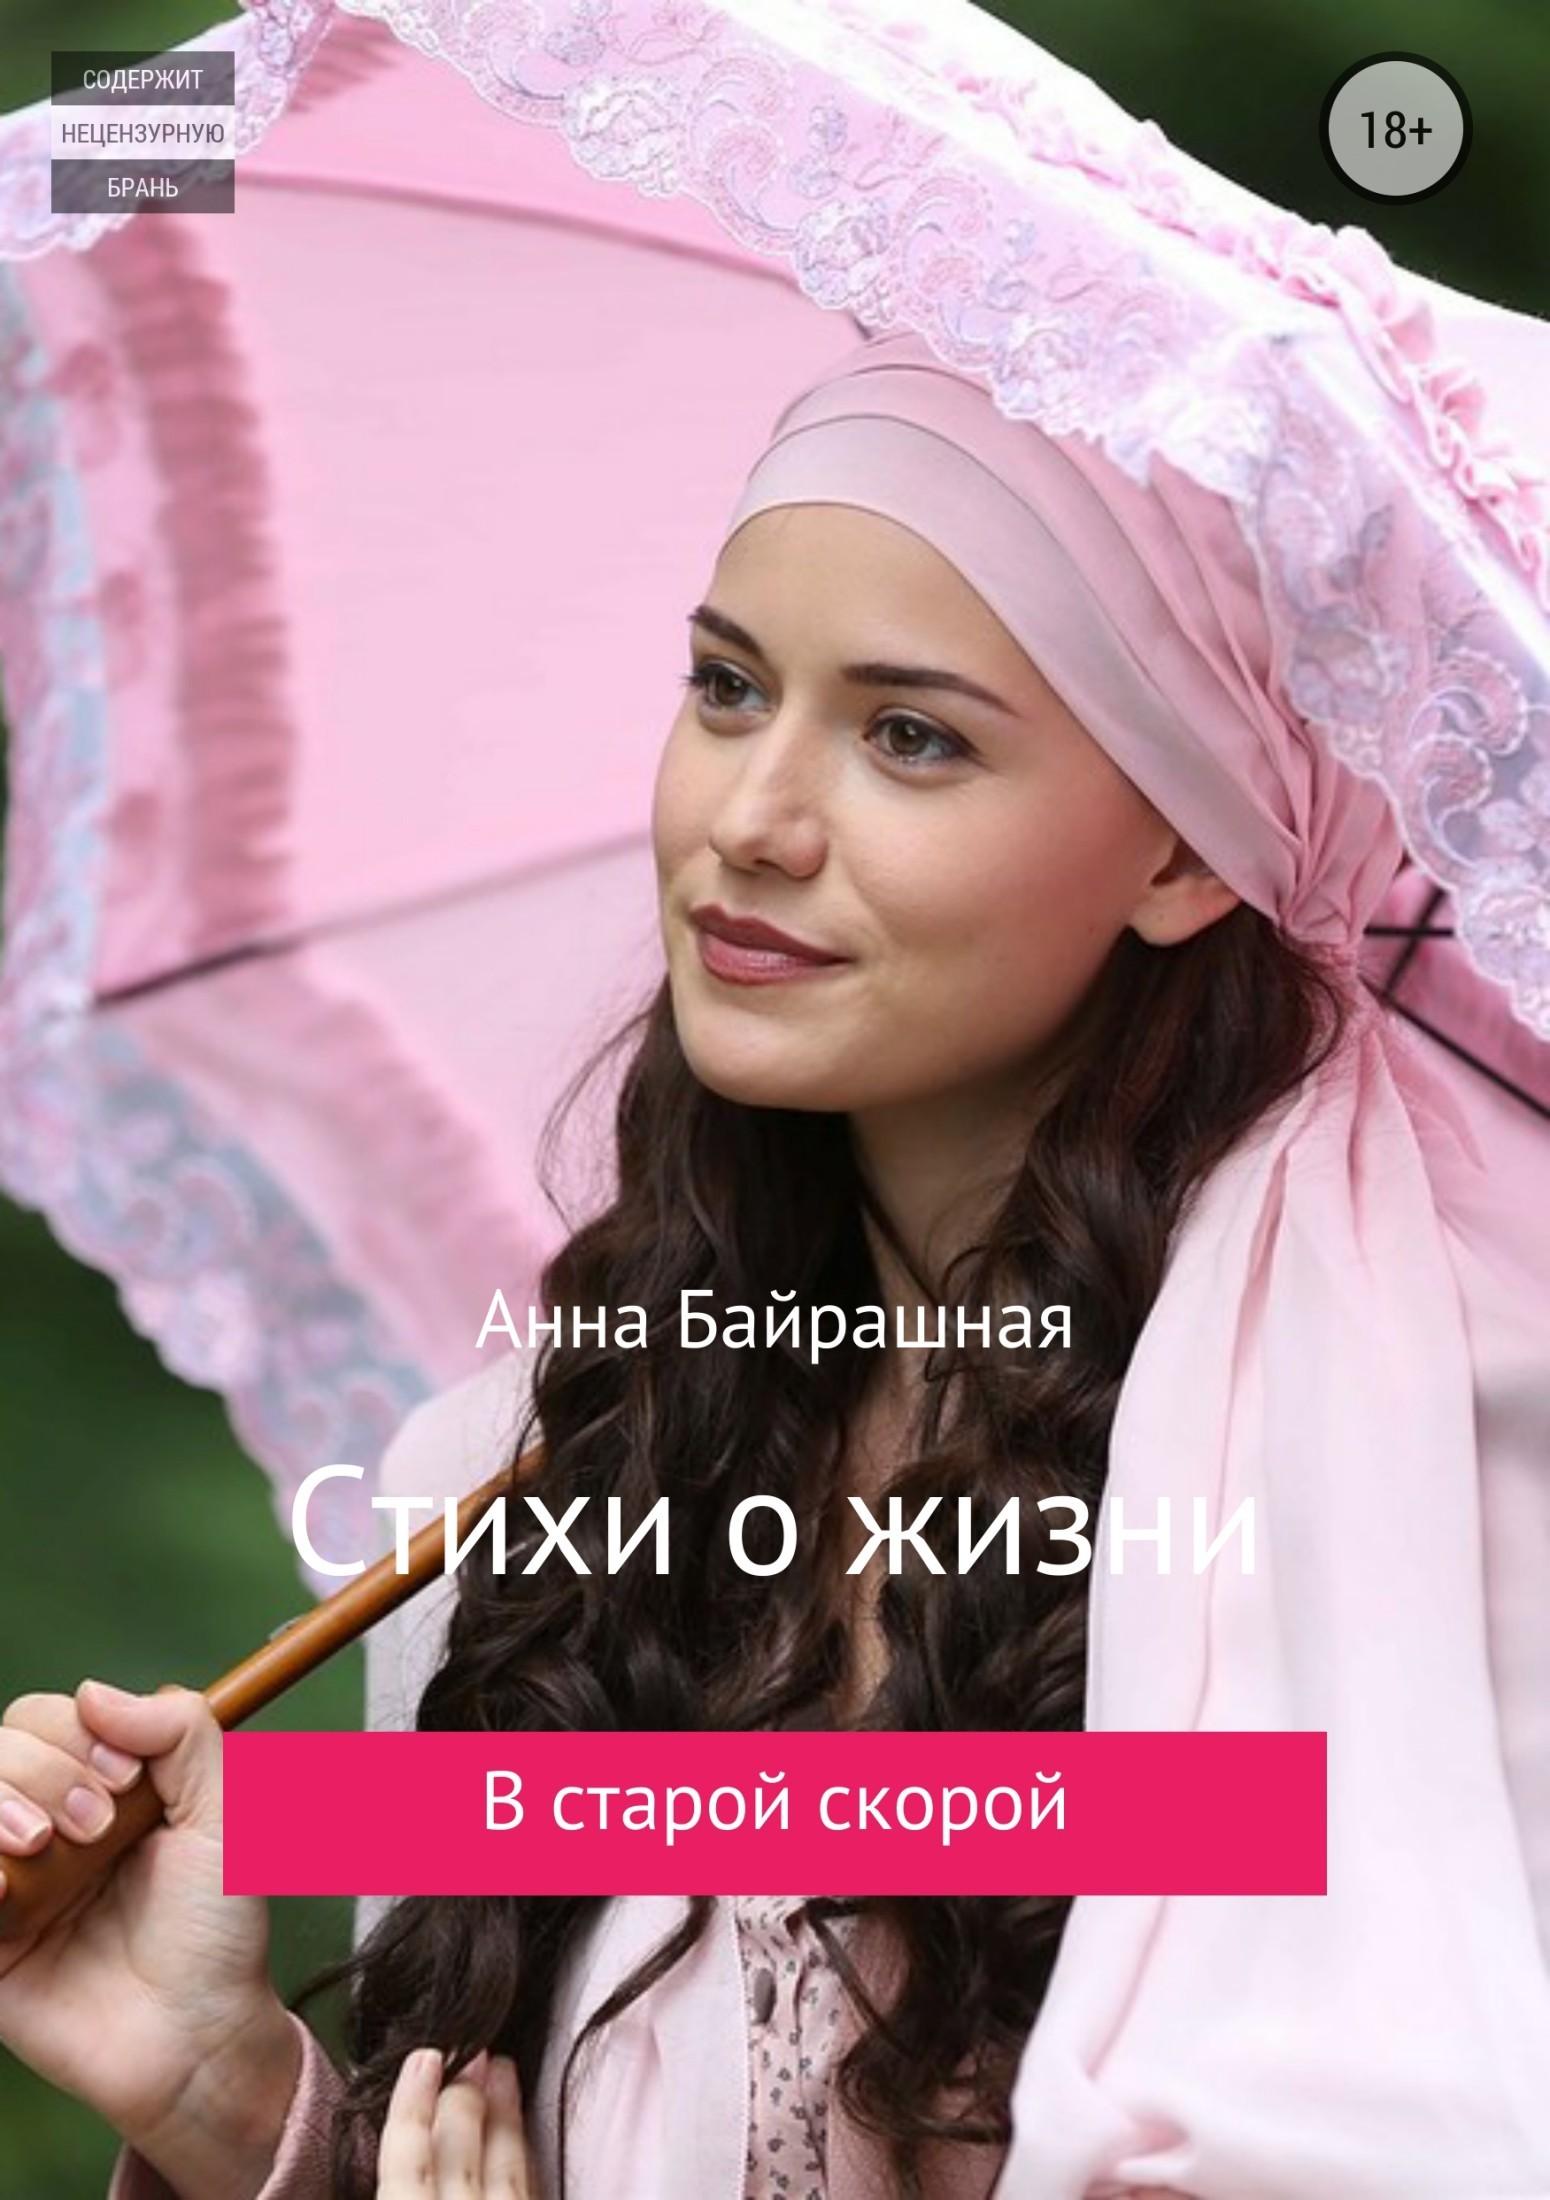 Анна Сергеевна Байрашная Стихи о жизни марина сергеевна чупрова пиит время первых